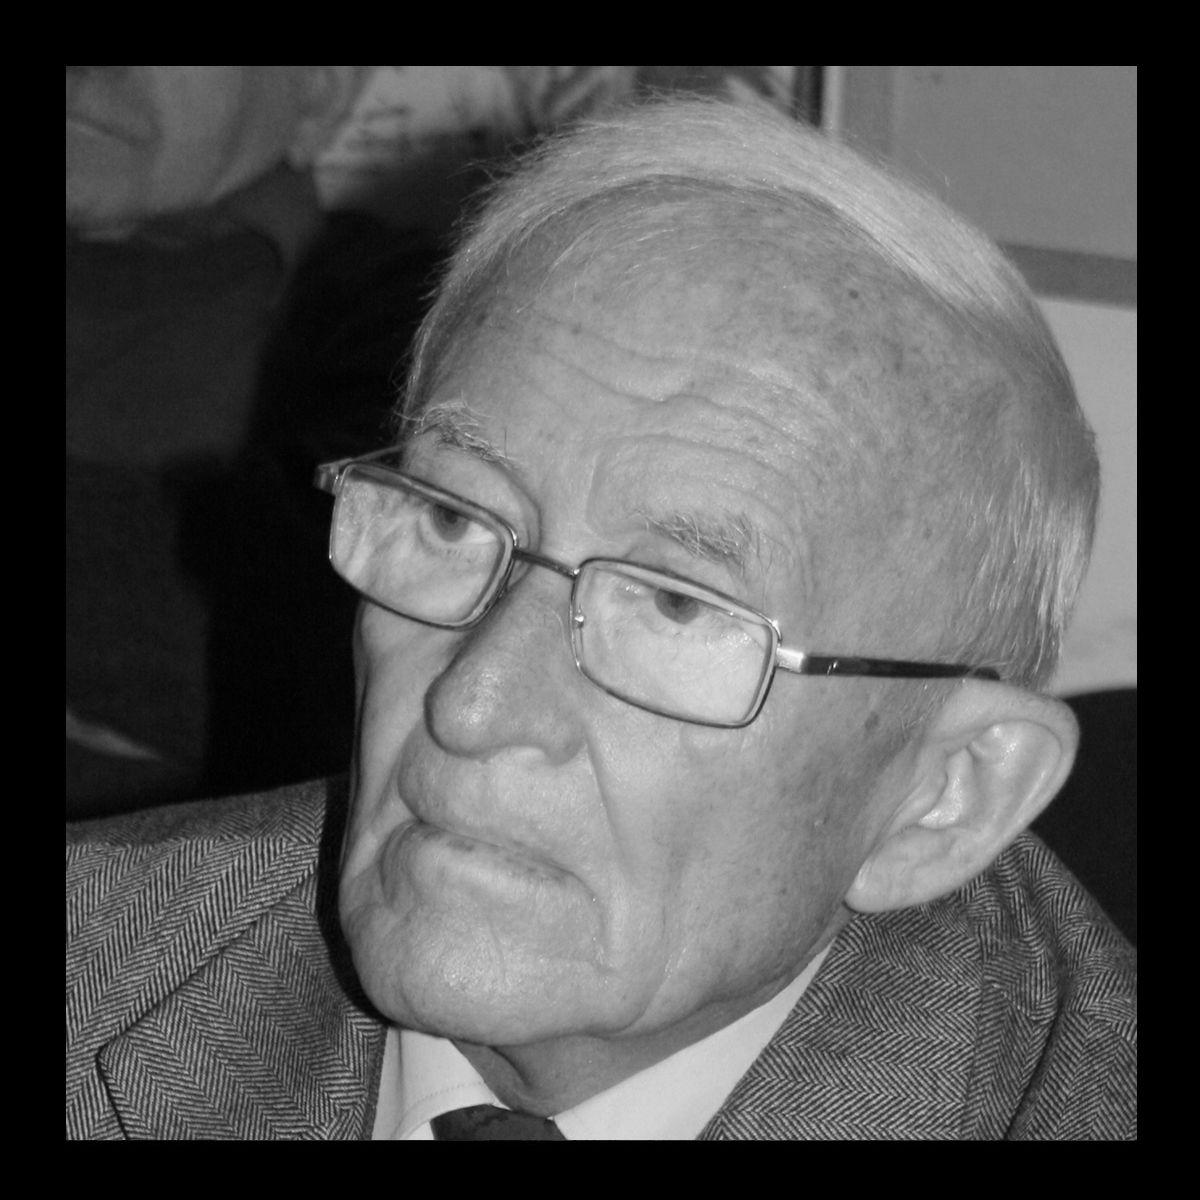 Elhunyt Almási István népzenekutató, Társaságunk alapító tagja